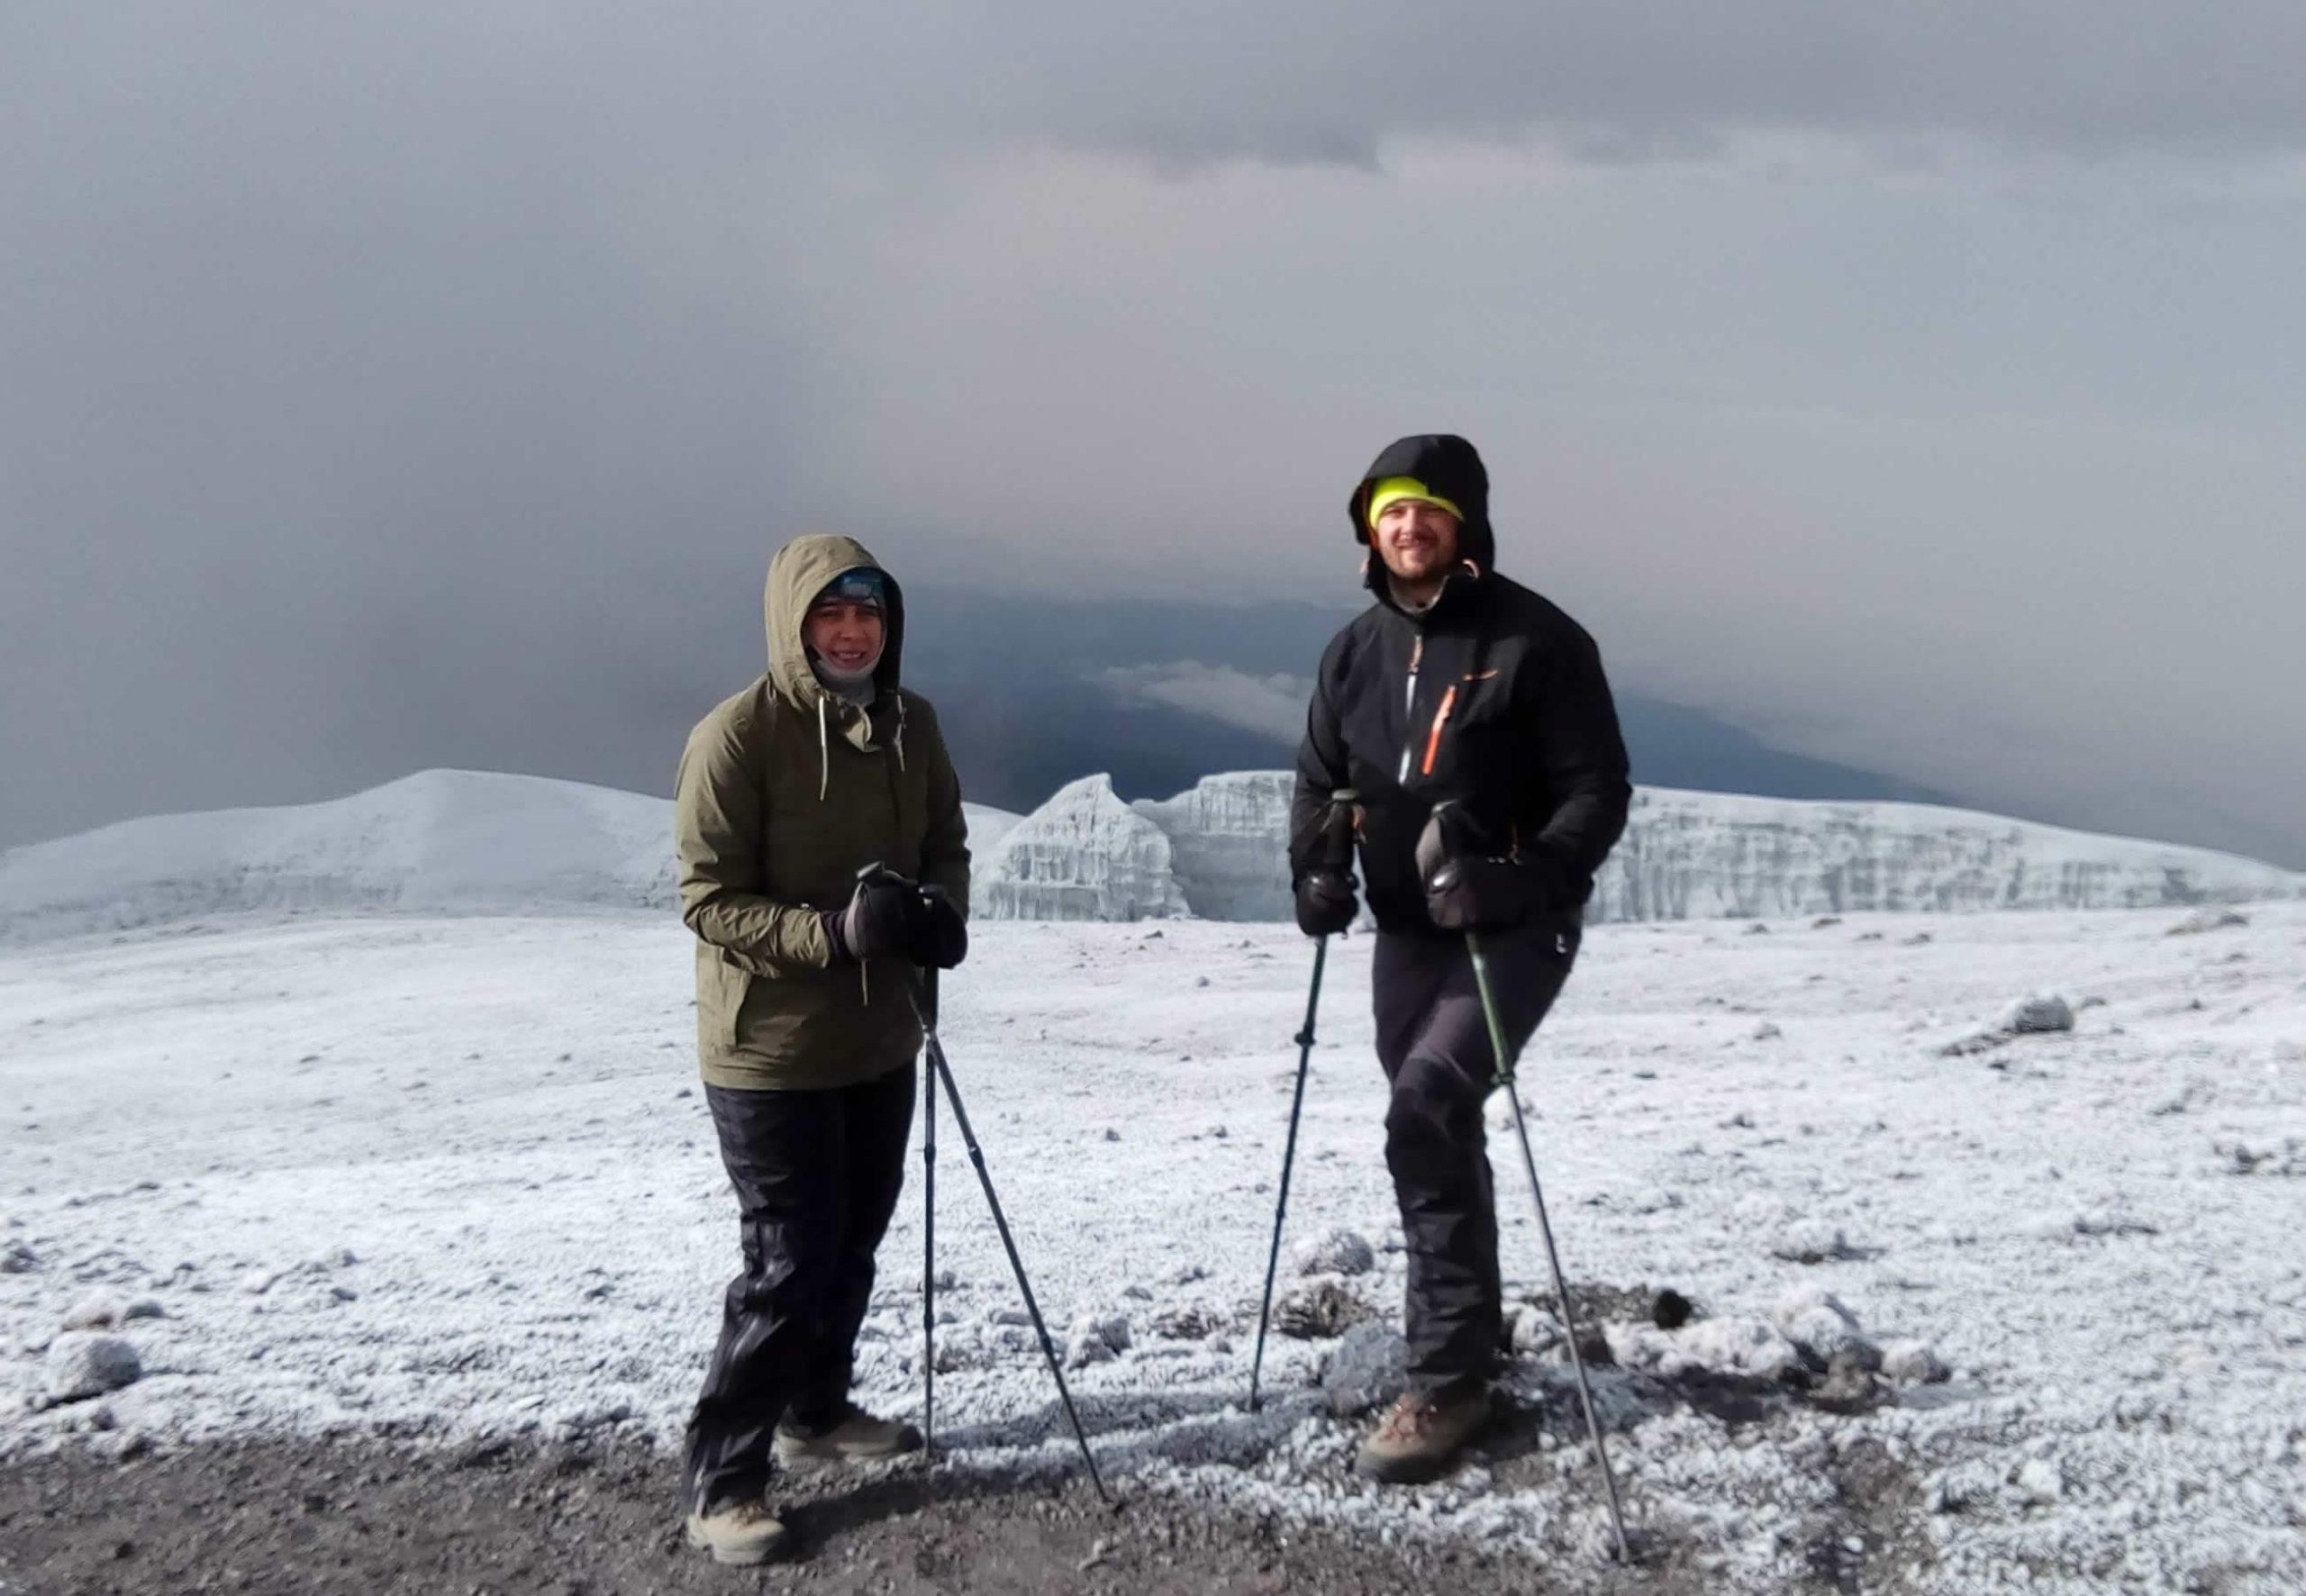 kilimanjaro pix2